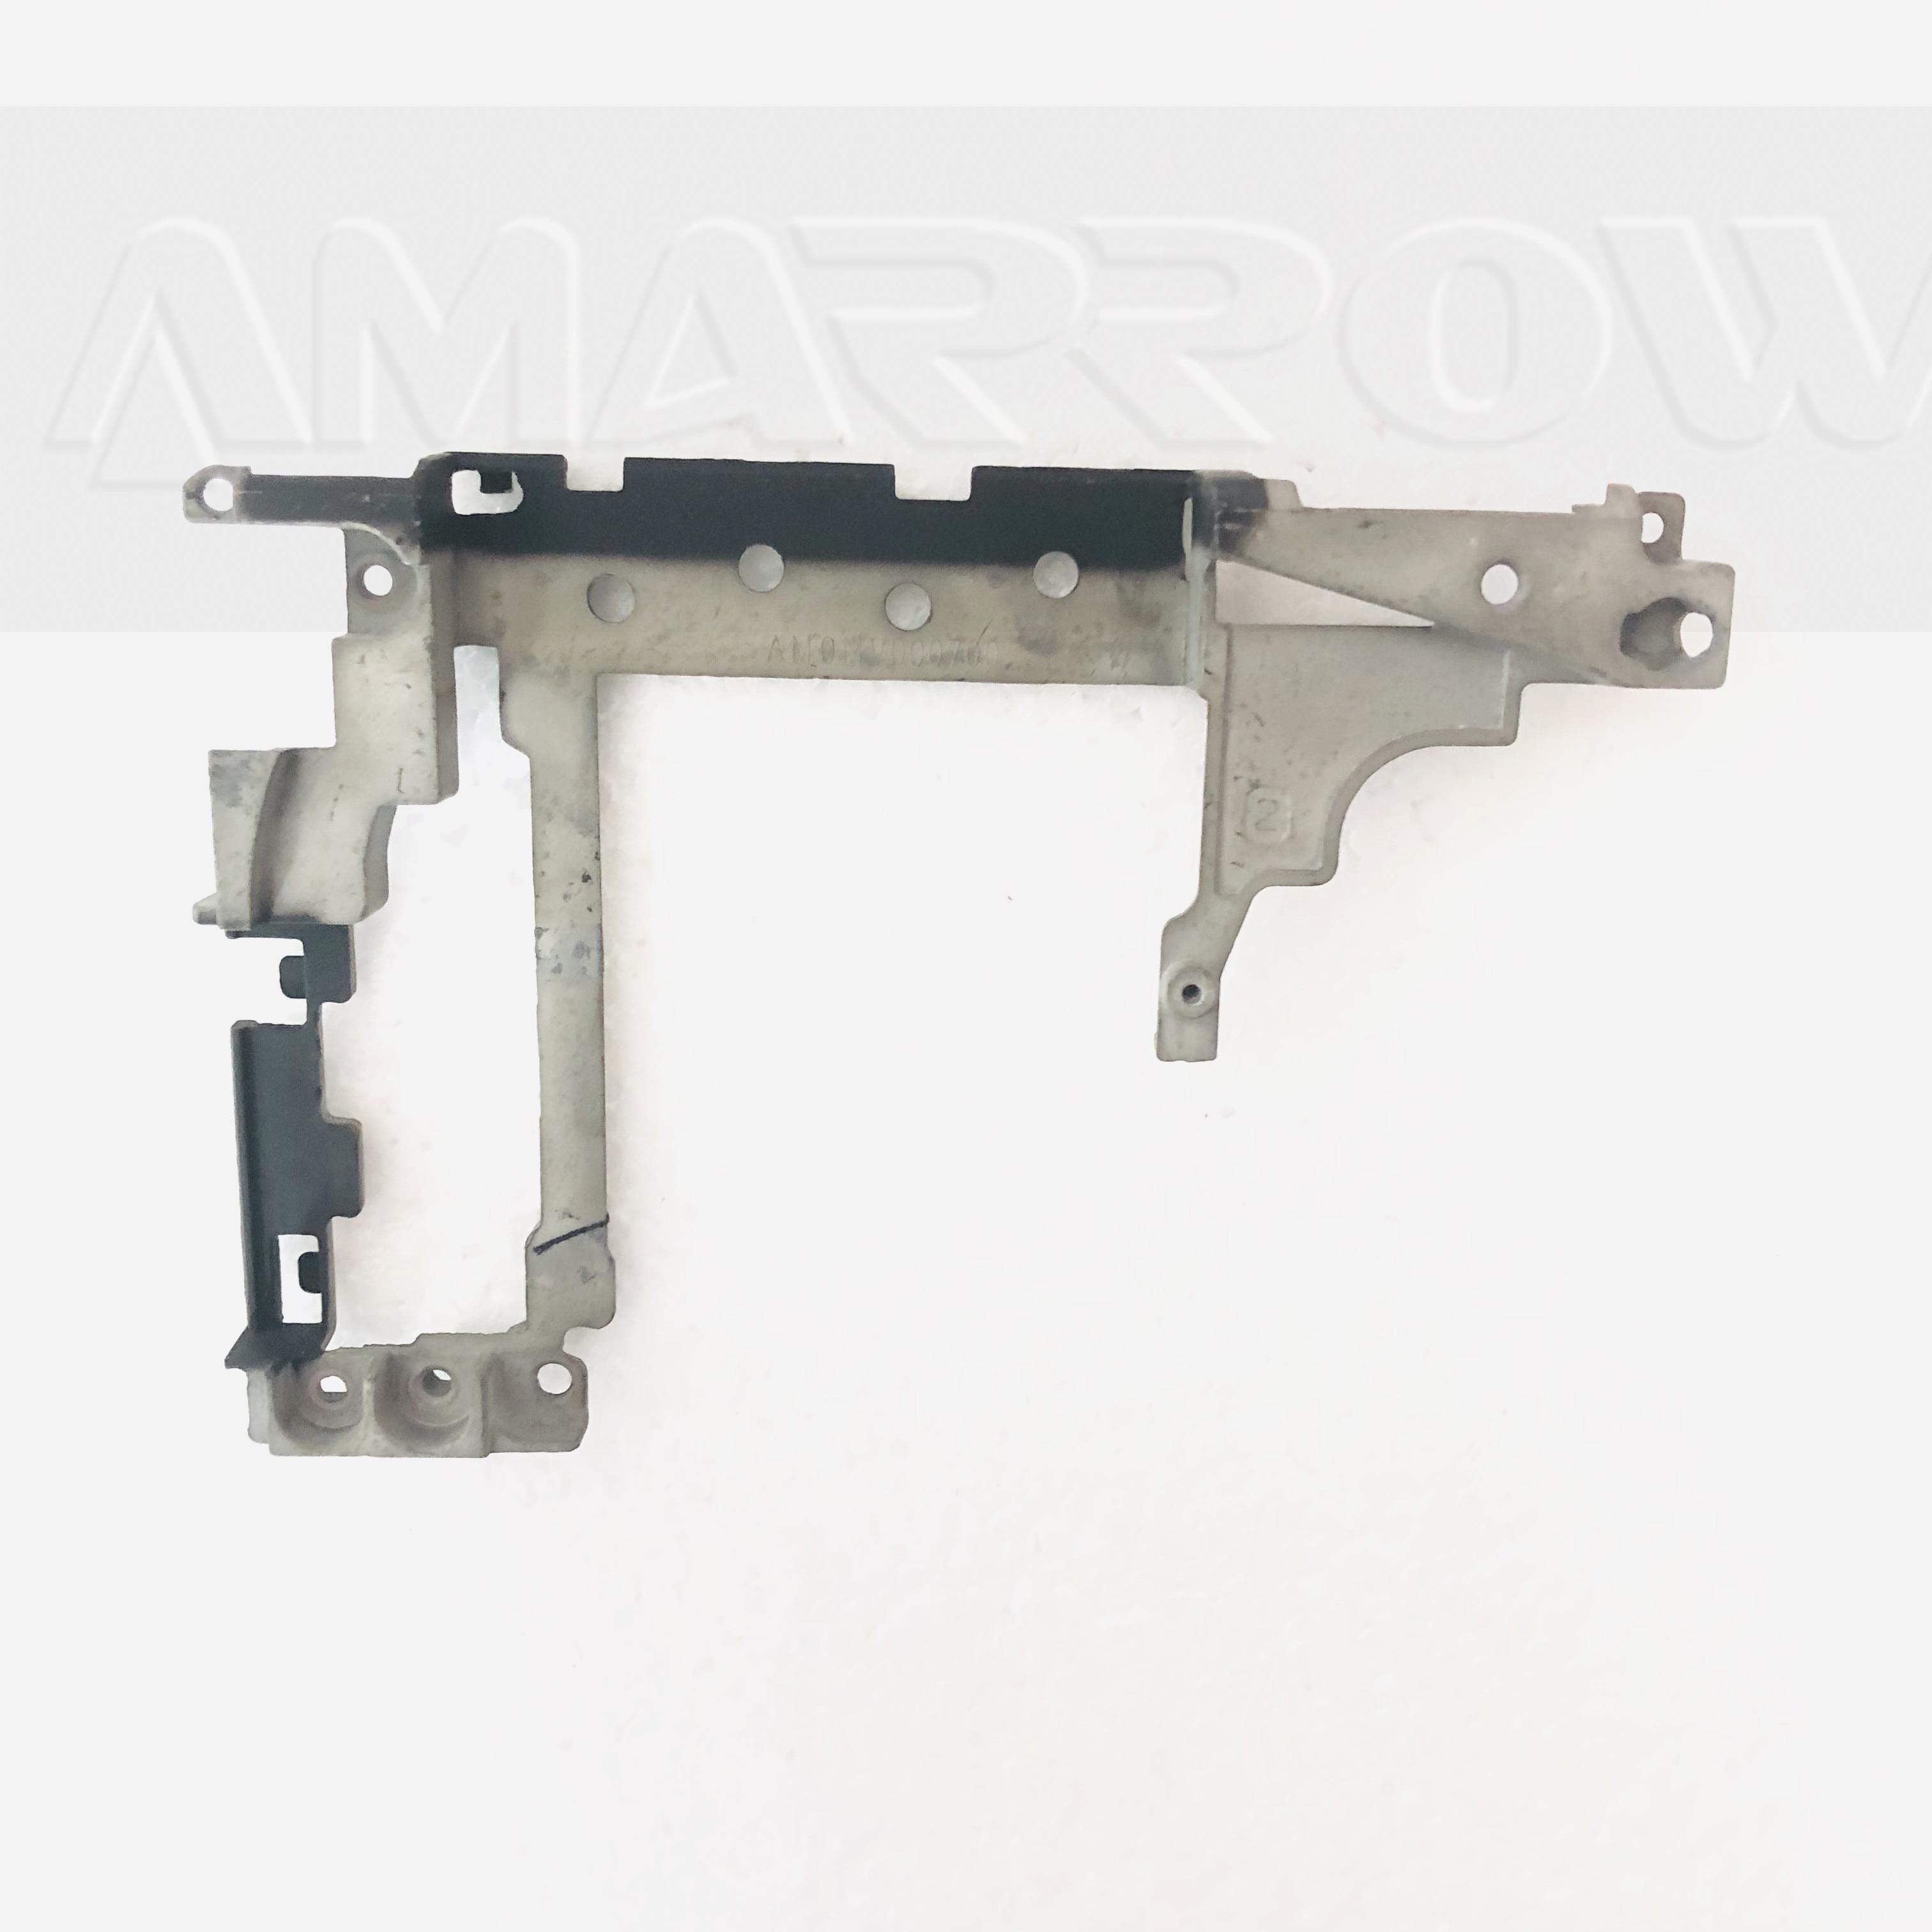 Original Hinges Bracket For Lenovo Thinkpad E430 E435 E430C E530 E445 E545 E535 E530C  E545 Bottom Skeleton AM0NV000700